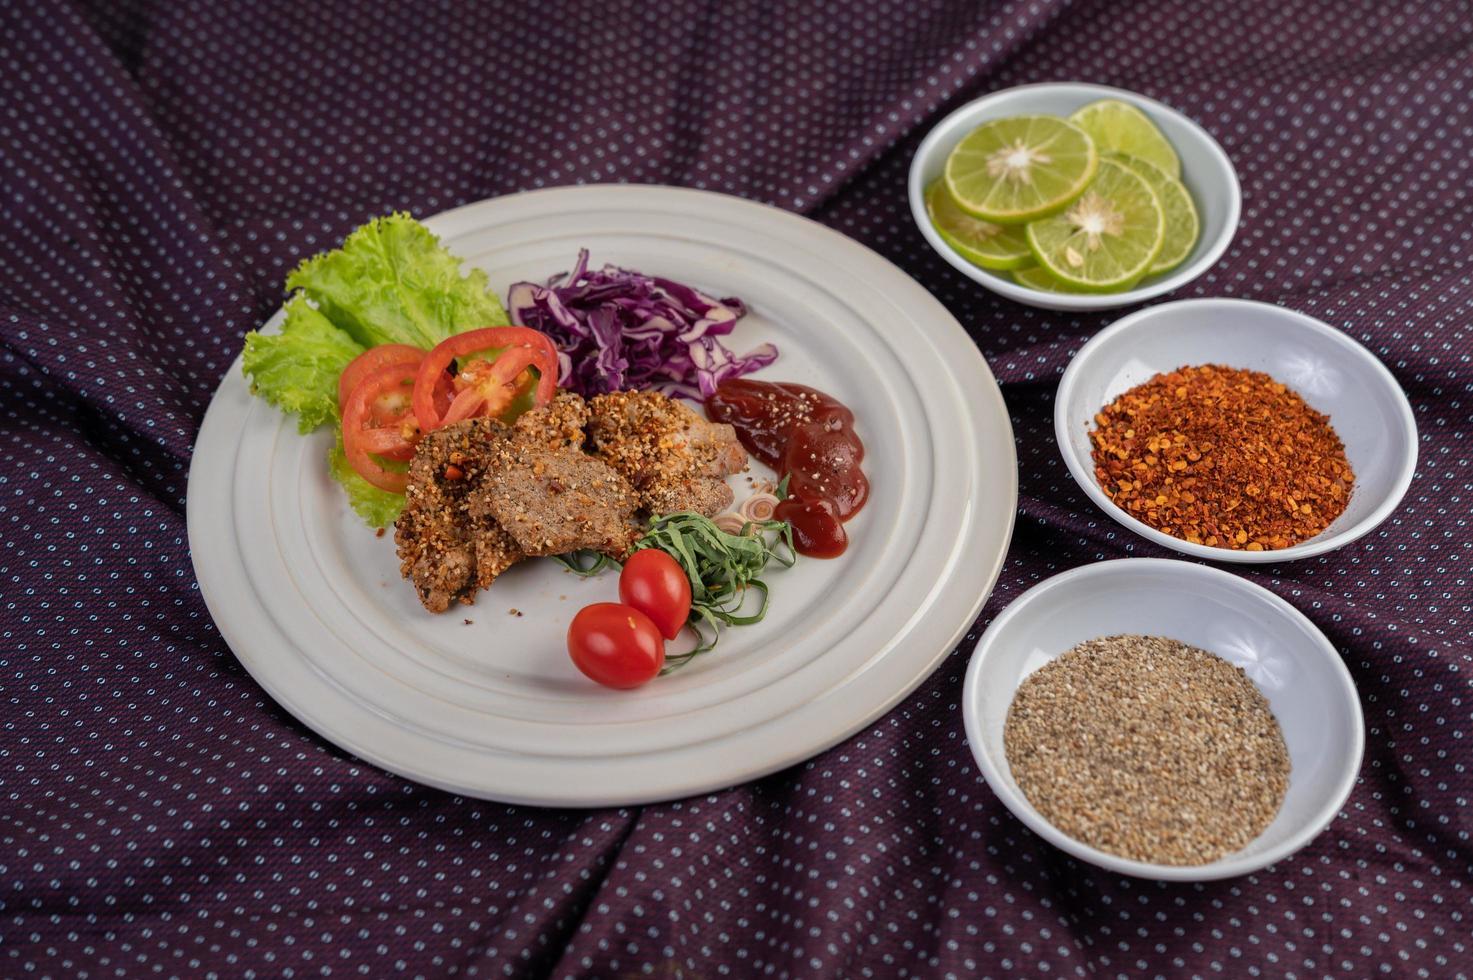 salade de porc aux poivrons, tomate, citron, citron vert, ail et salade photo